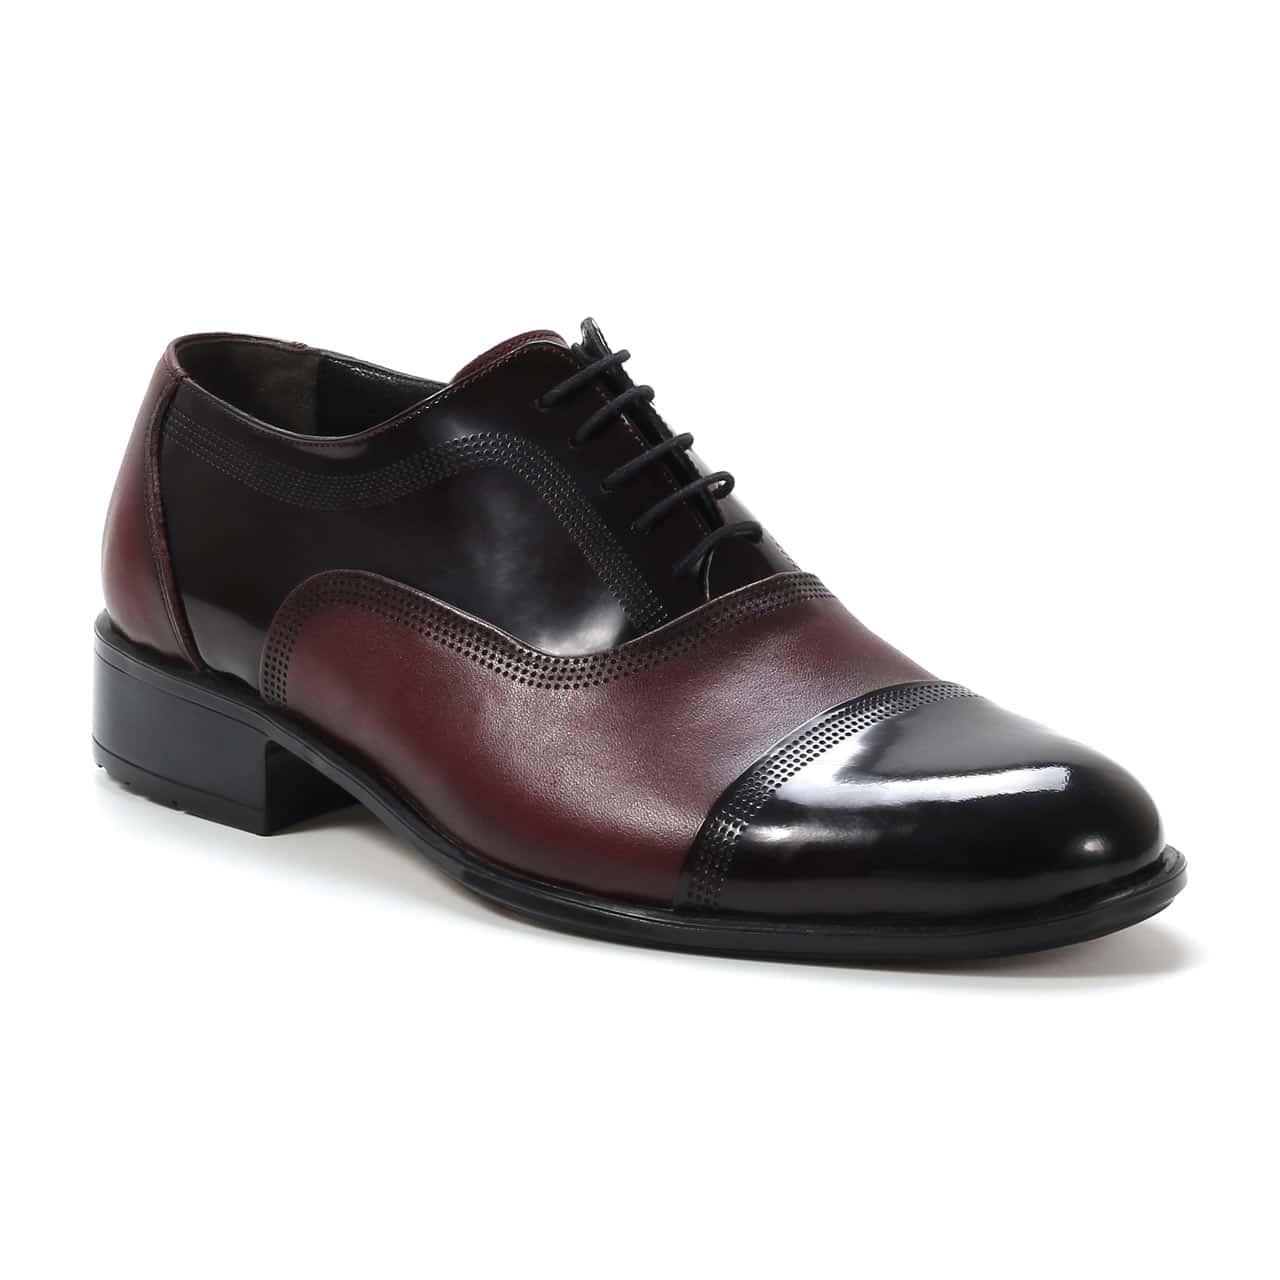 Kožna muška obuća - Muške cipele - Elegantne - 108-2 - Bordo sa tamno bordo detaljima